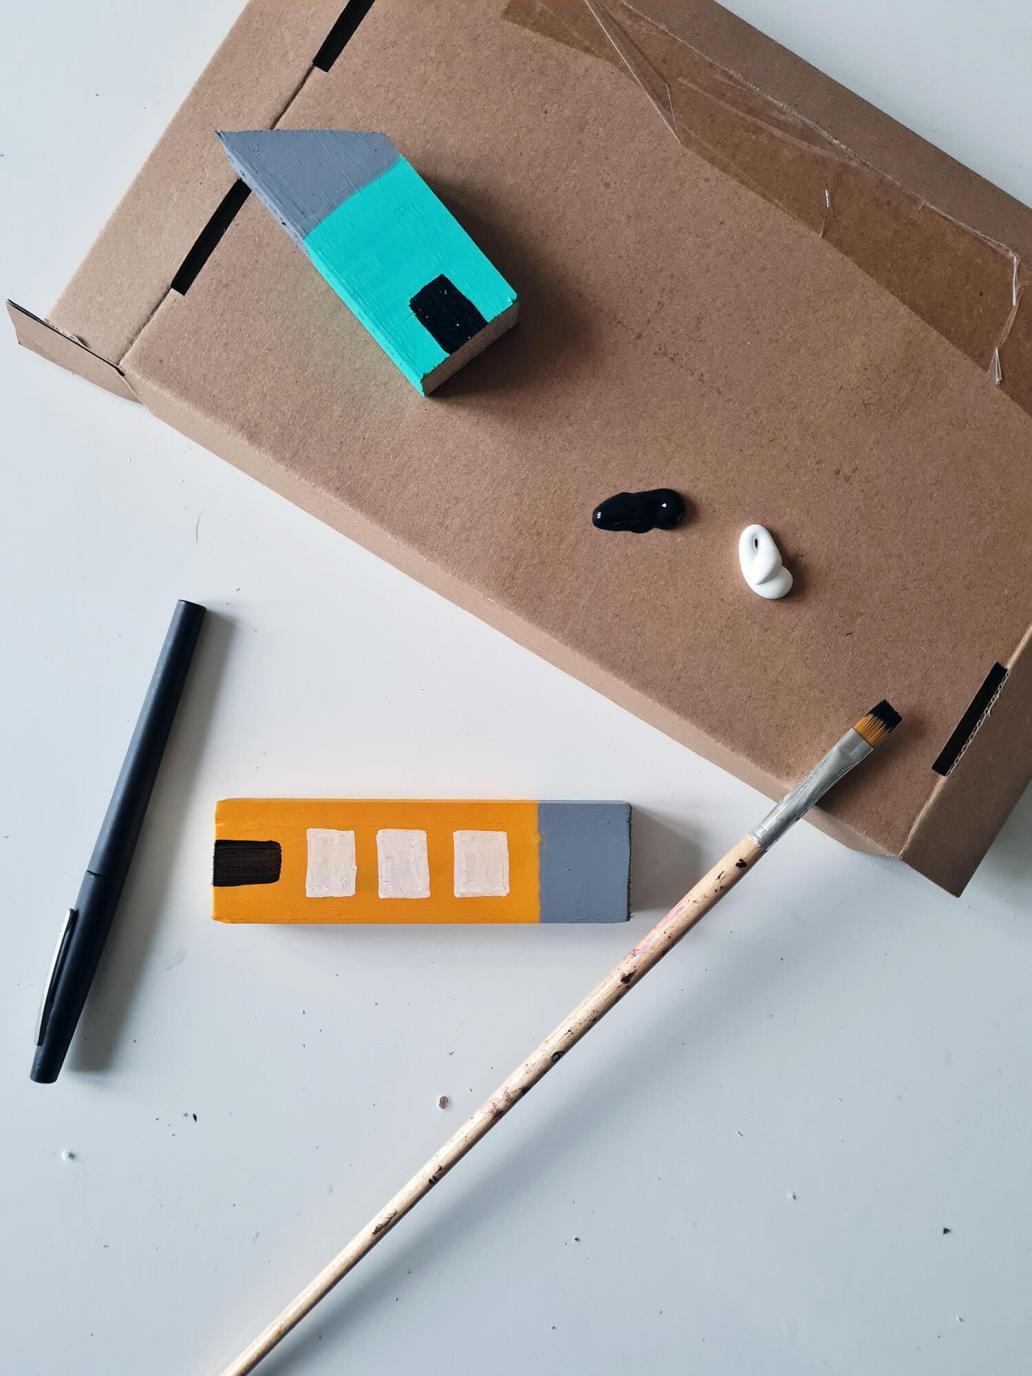 20210131 170646 - DIY : fabriquer un pegboard pour mieux s'organiser au bureau